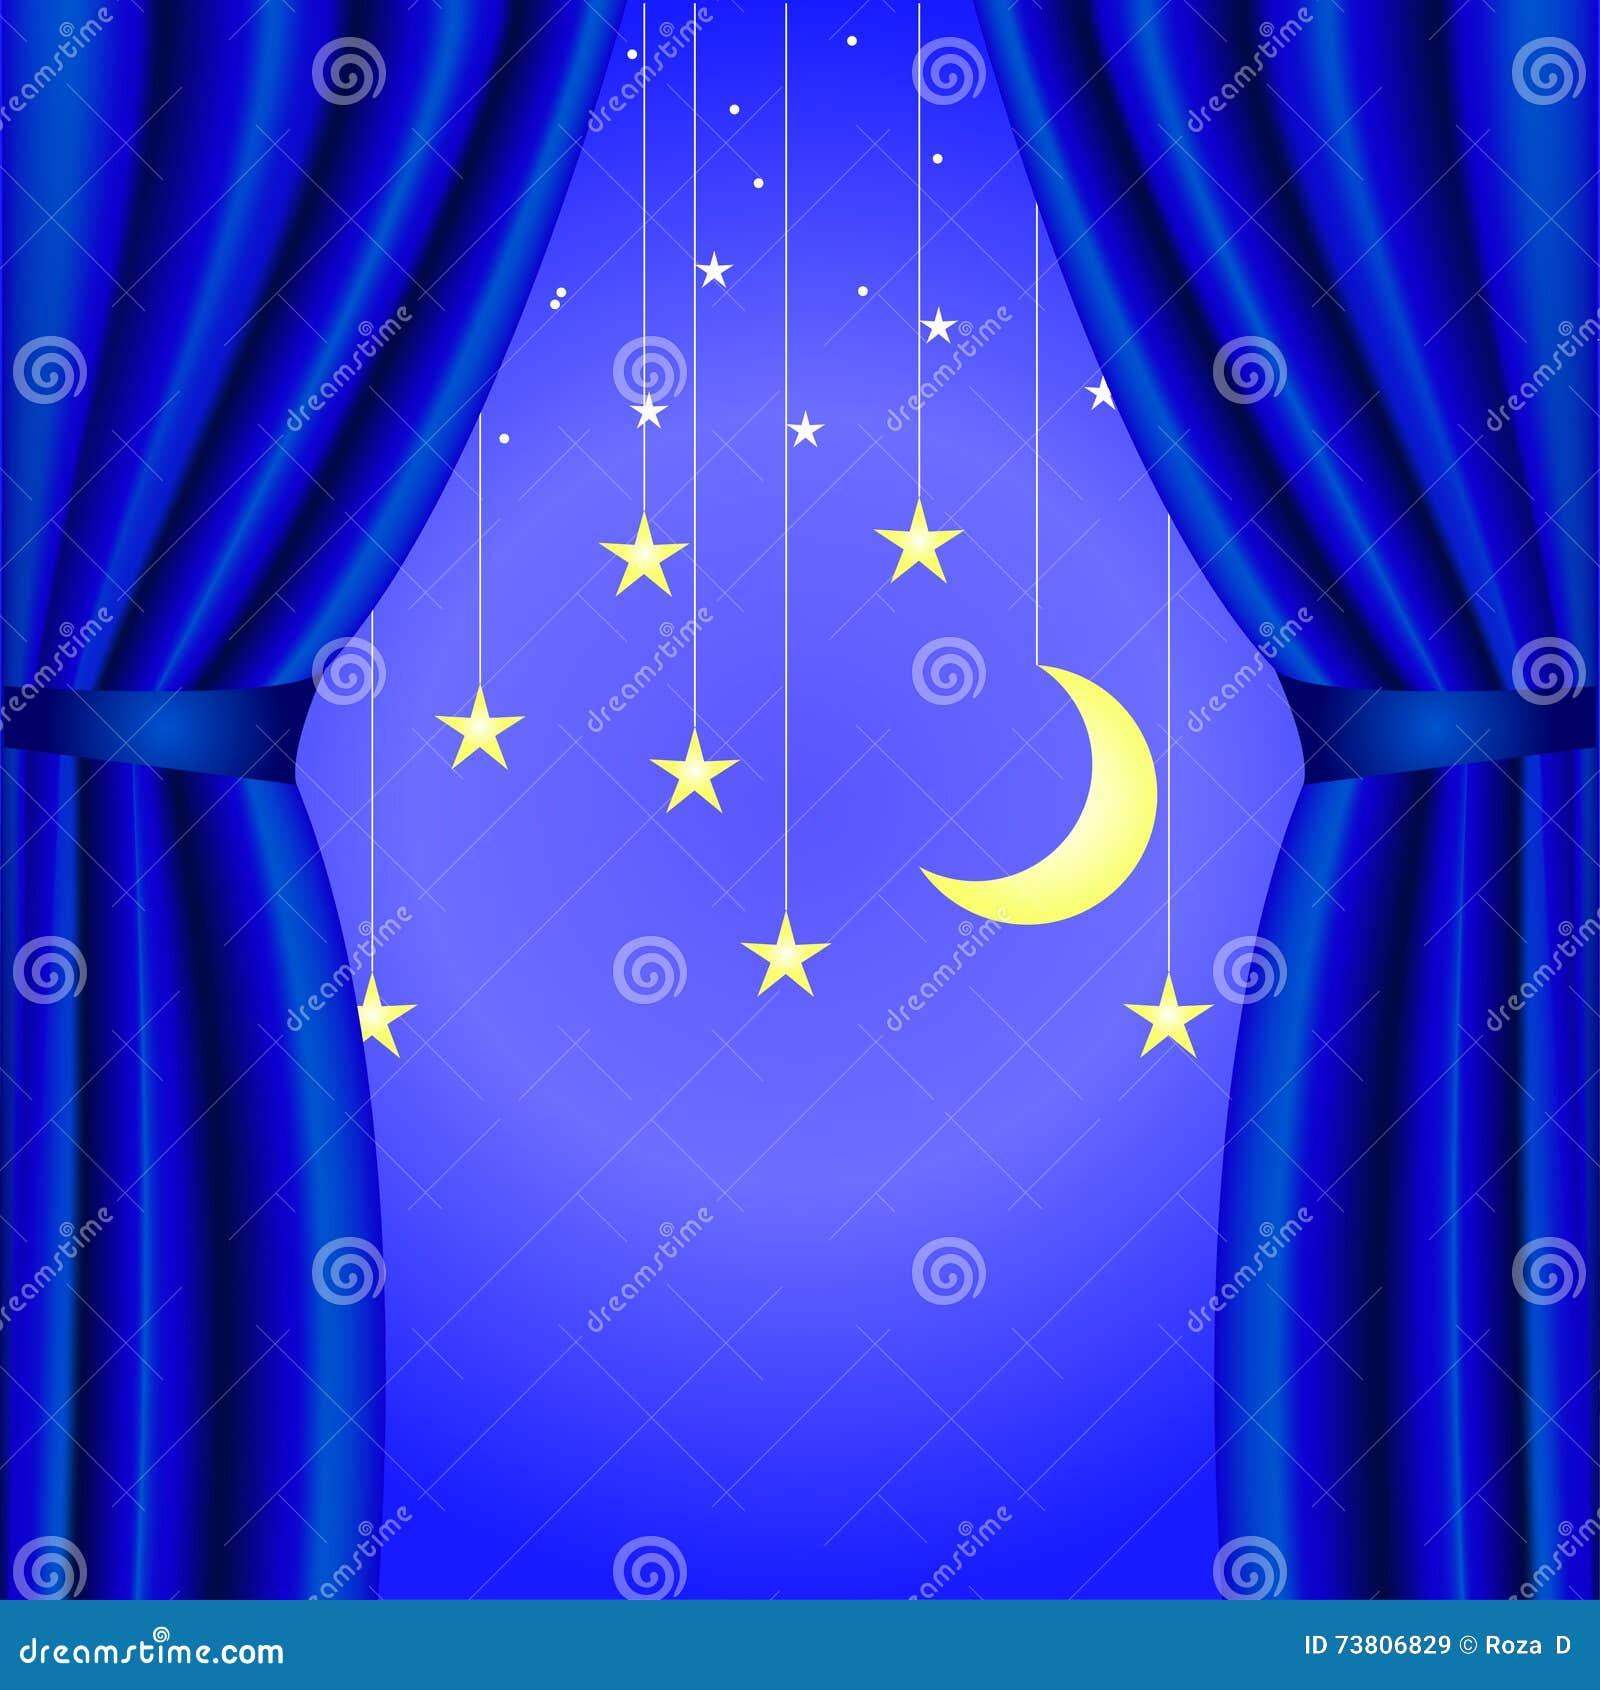 https://thumbs.dreamstime.com/z/conceptuele-achtergrond-met-blauw-gordijn-open-met-een-toenemende-maan-en-sterren-73806829.jpg